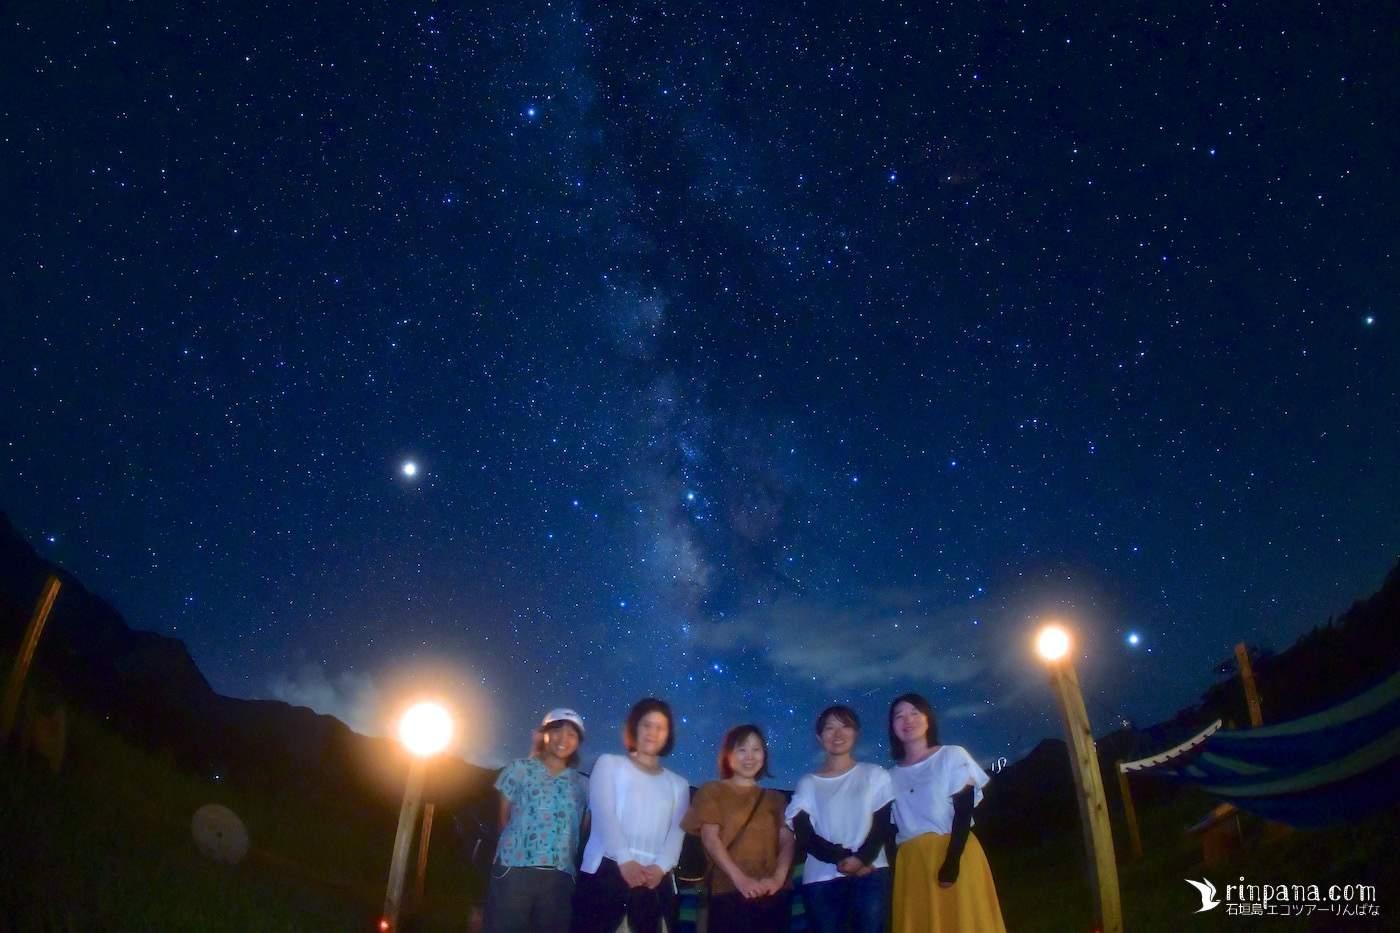 「ずっとここにいたい」旅の記念になった、星空ツアー